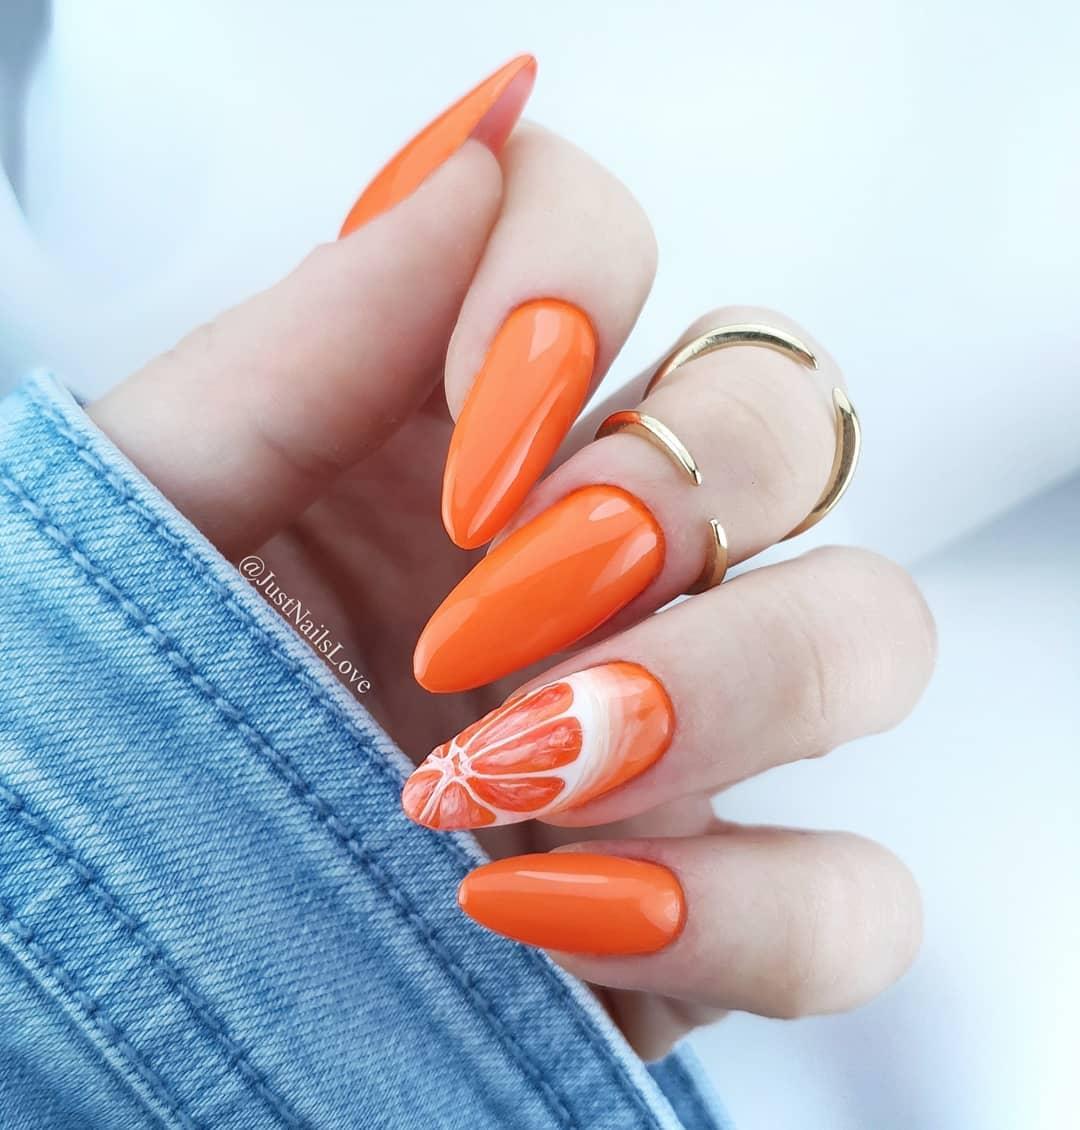 Kolor Pomaraczowa Salsa to wibrujcy i intensywny pomaraczowy neon z delikatn domieszk biaych nut. To apetyczny kolor, ktry zdecydowanie przywodzi na myl wakacyjny poranek W roli gwnej kolor 1174.Podoba Ci si tak wakacyjny manicure?.manihybrydowy